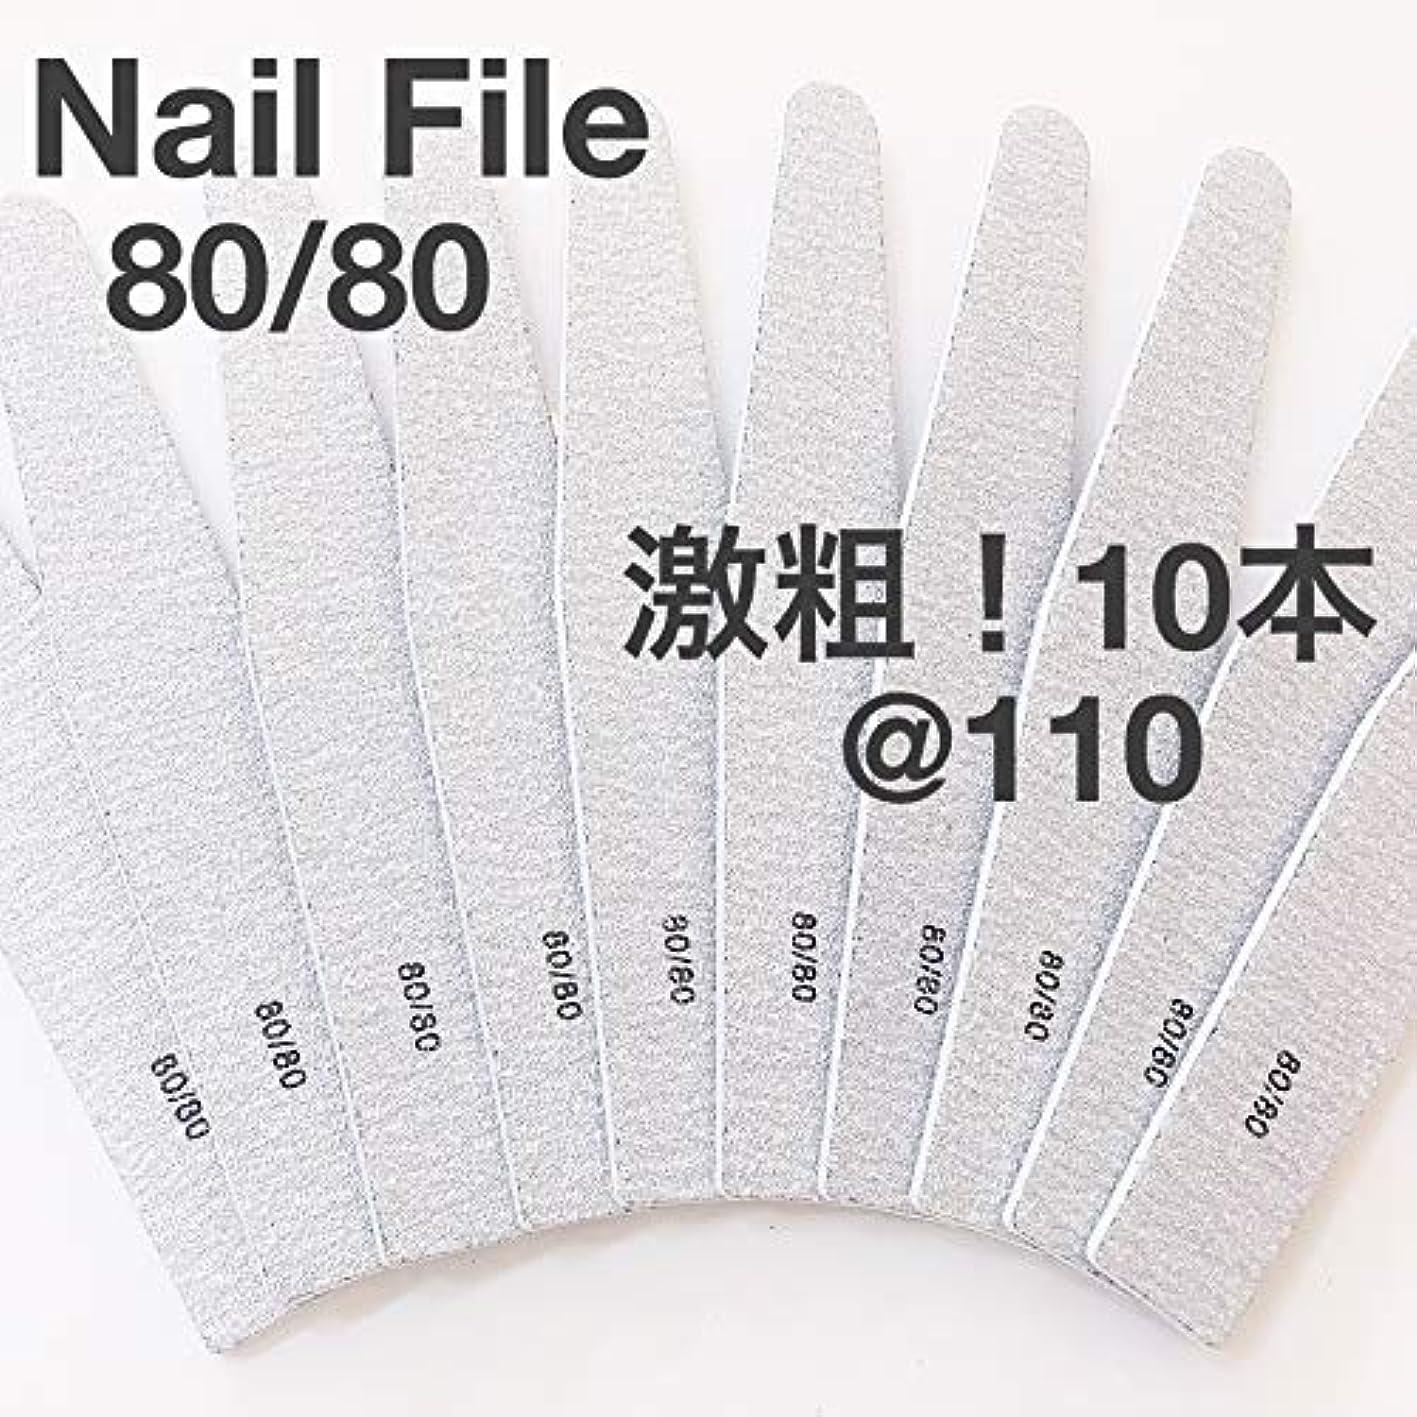 割るかき混ぜるジェムネイルファイル 80/80激粗【10本セット】ガリガリ削れます!